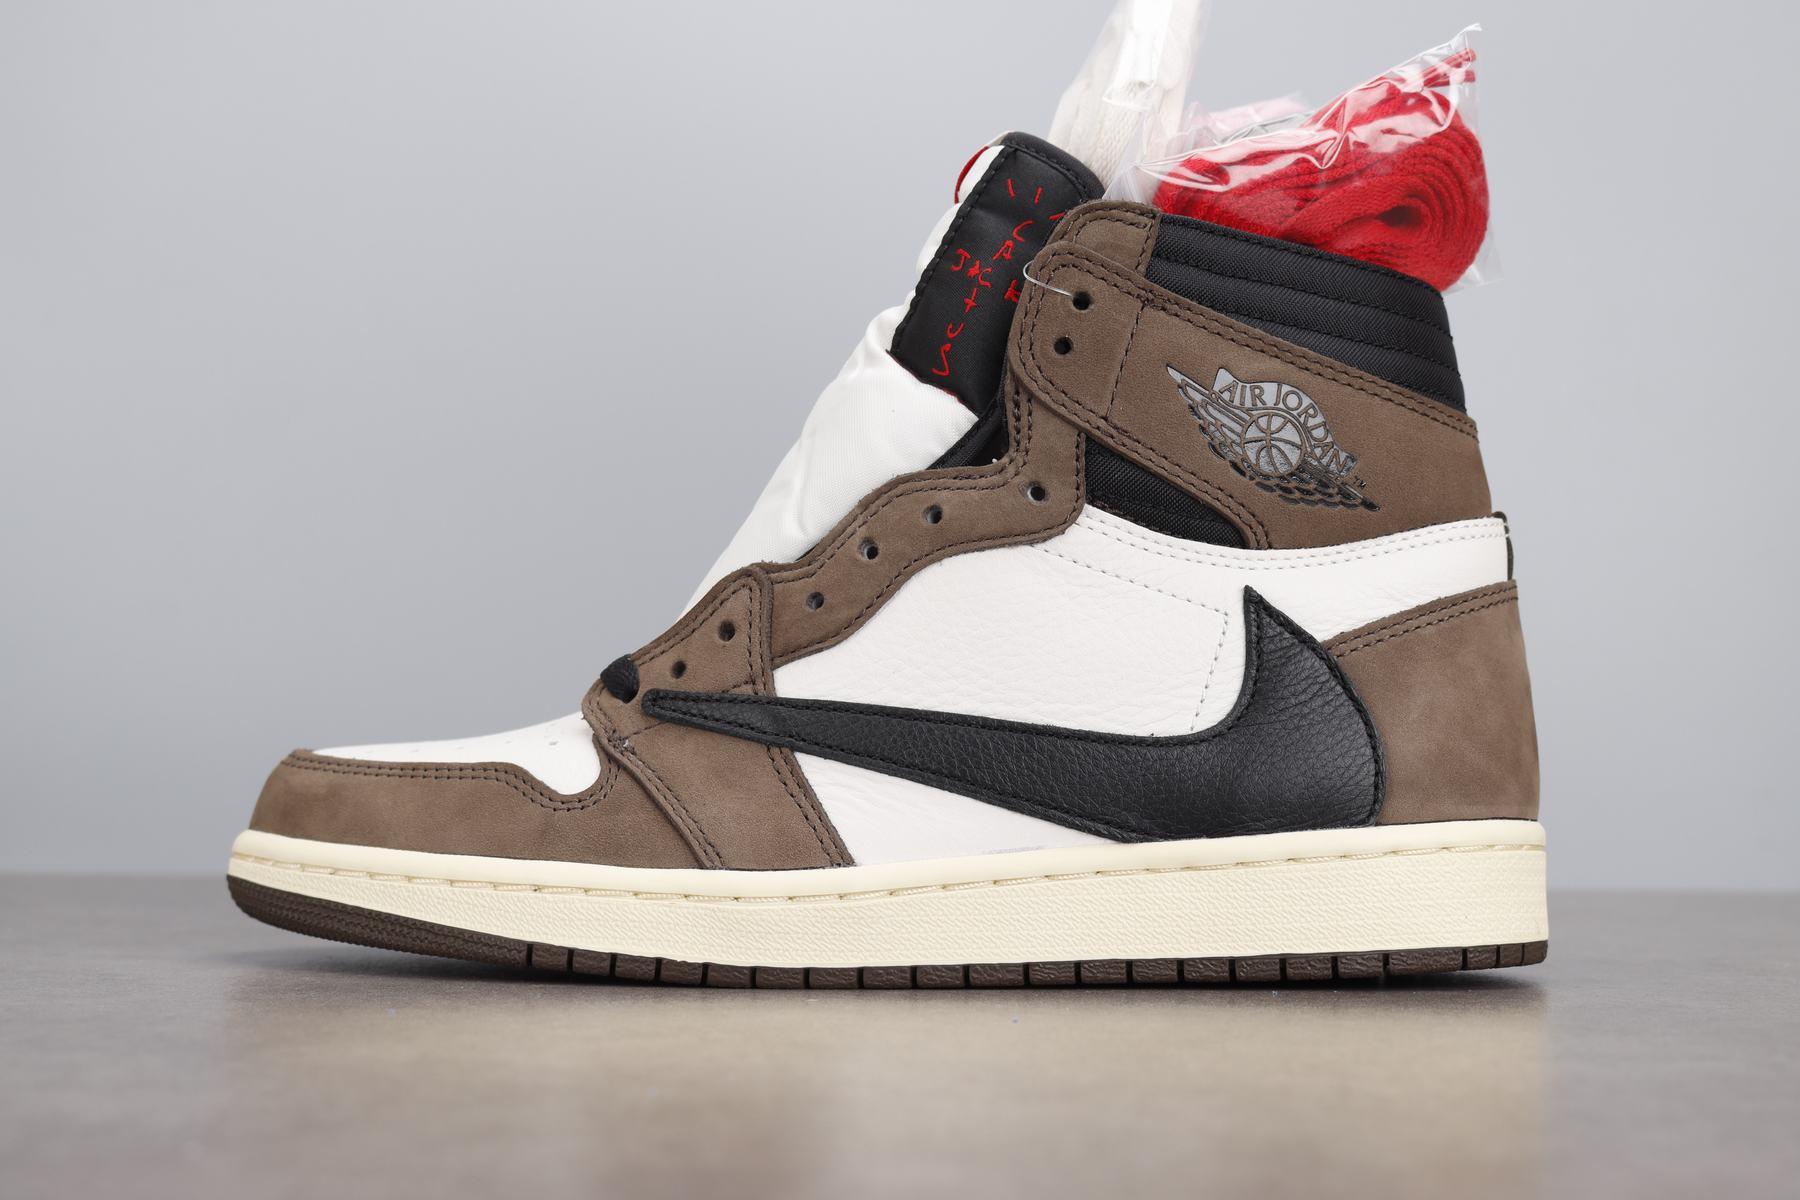 东莞AJ 10年鞋贩子告诉你,OG和莞顶LJR到底哪个版本更好?